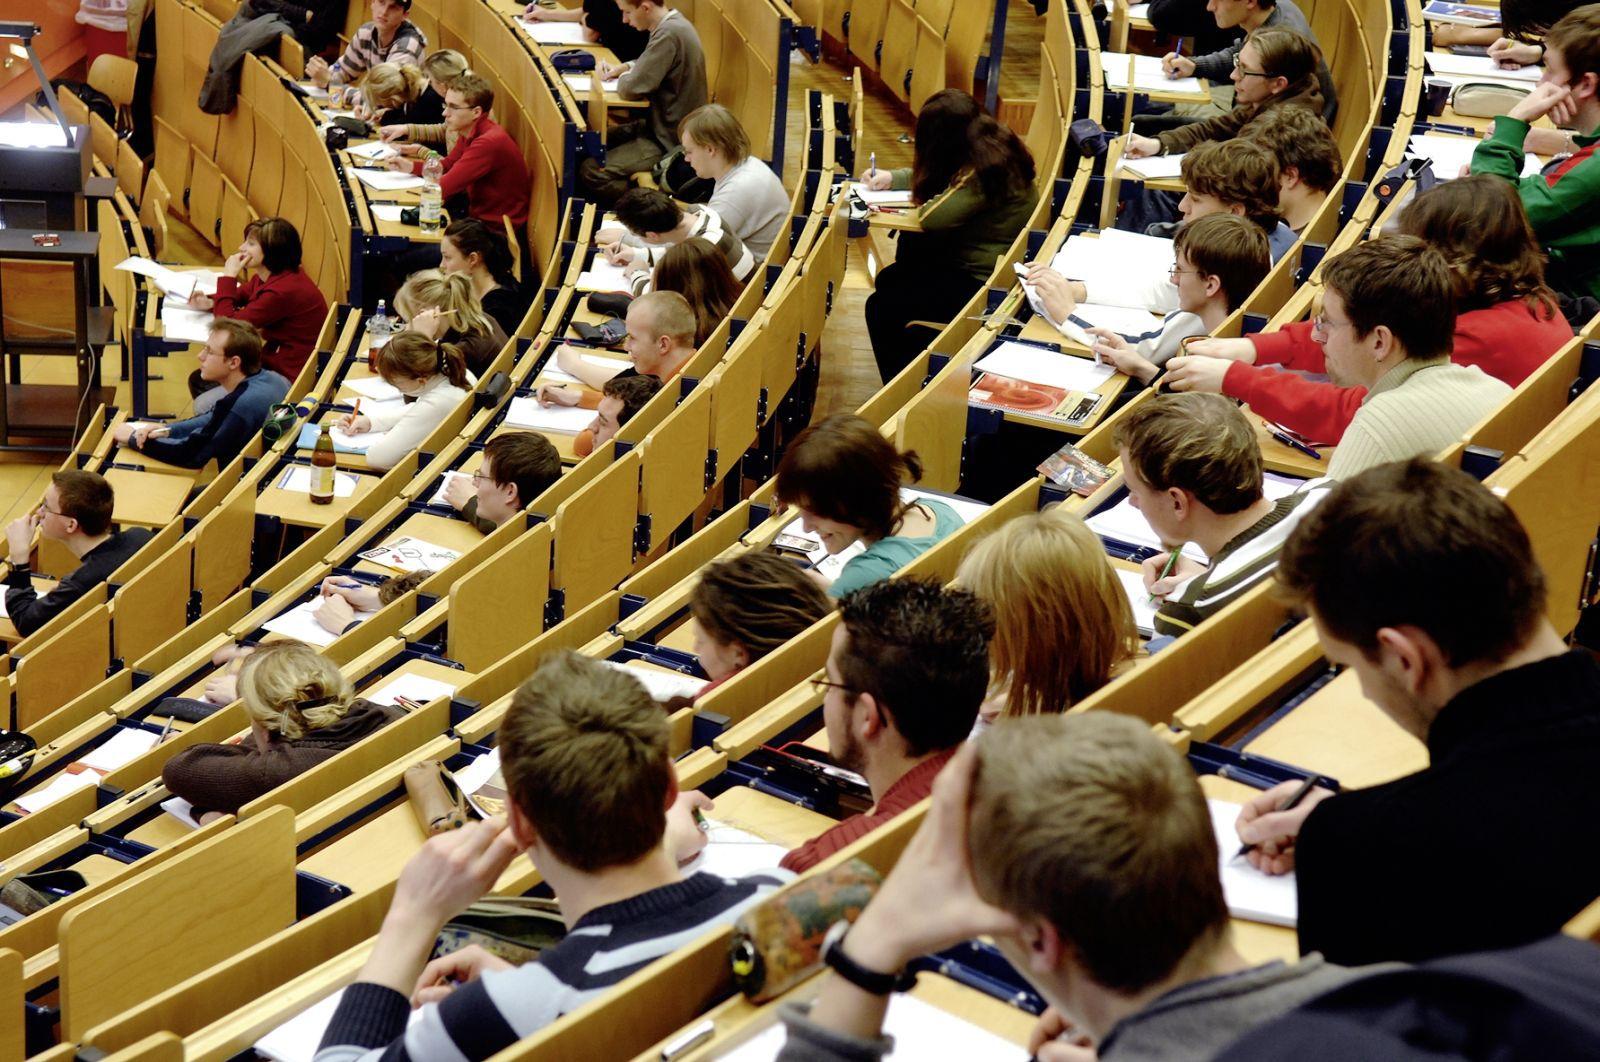 Pop ridică semne de întrebare cu privire la o lege trimisă la promulgare: Calitatea învăţământului universitar, afectată de limitarea la 35 de studenţi la un curs